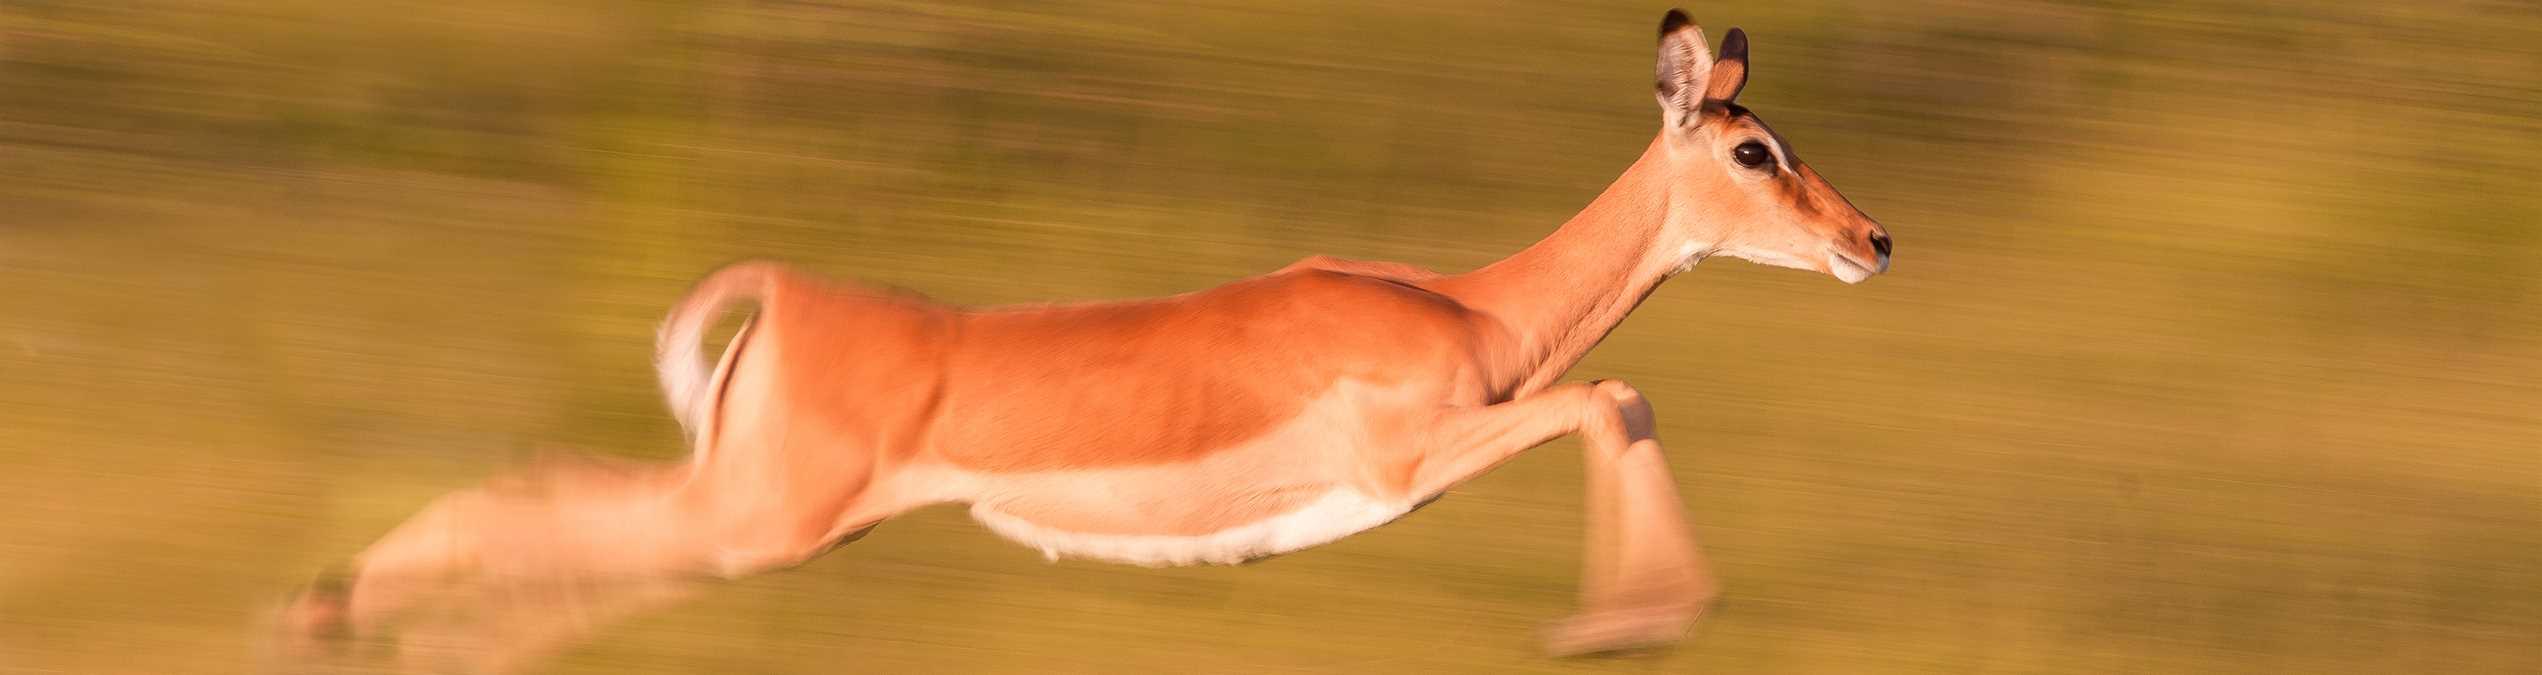 Safari Club - Kenya_Meru_Impala_running